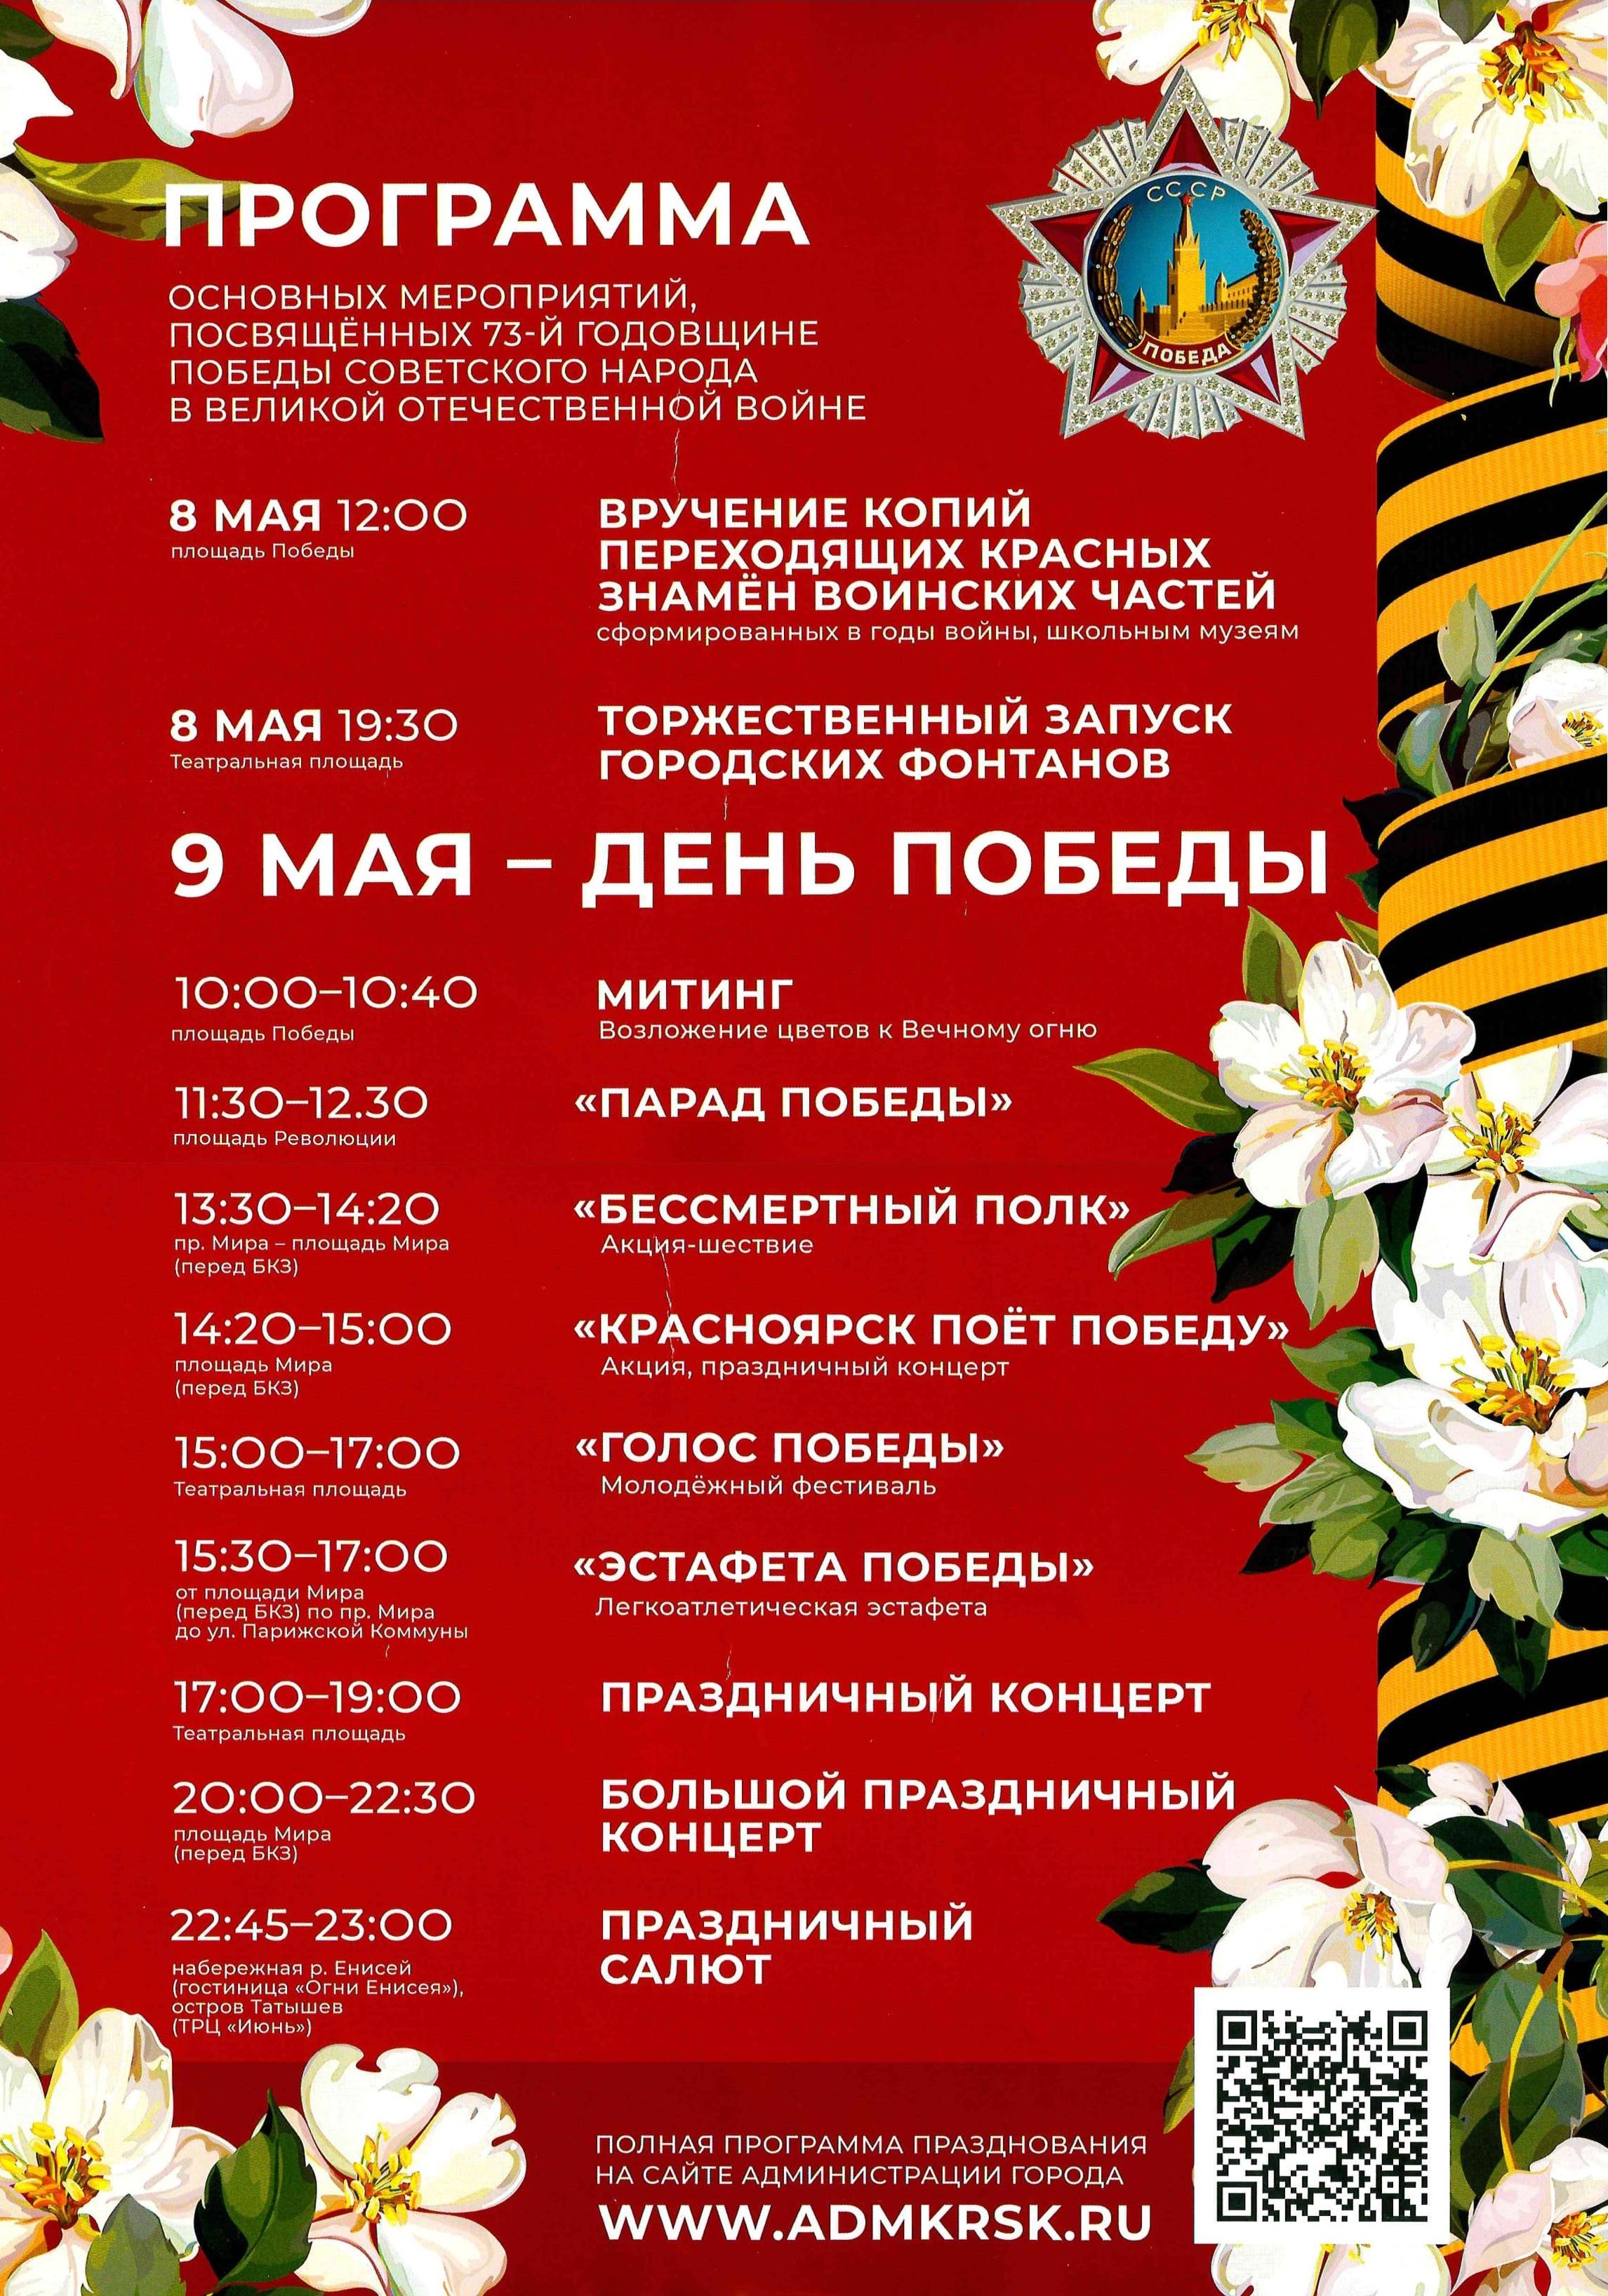 Программа мероприятий к 73-й годовщине Великой Победы